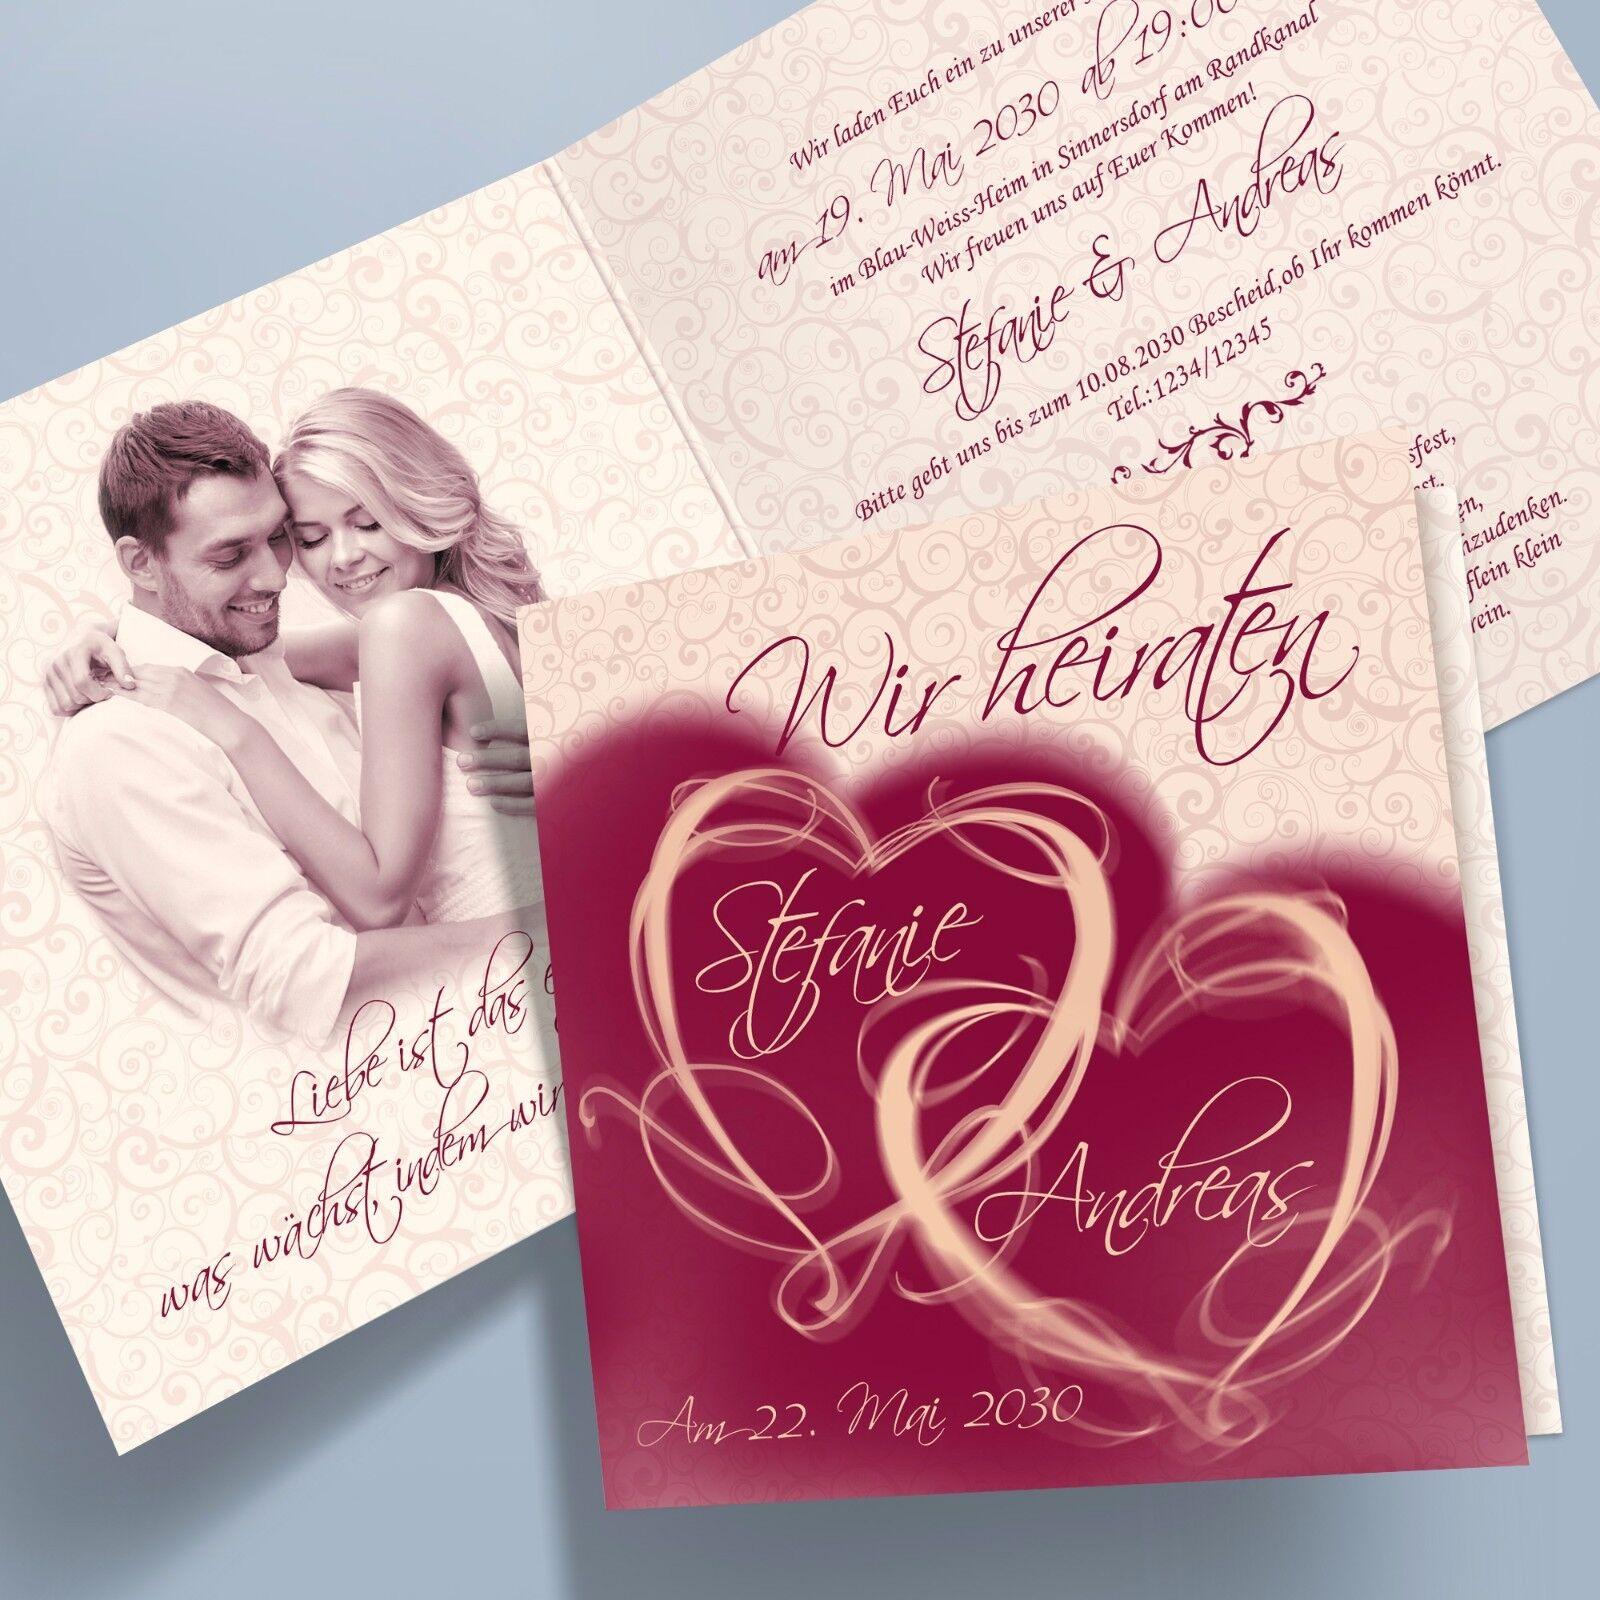 Personalisierte Einladungskarten Hochzeit, Klappkarten – 11 bordeaux quadratisch     | Adoptieren  | Kostengünstiger  845883